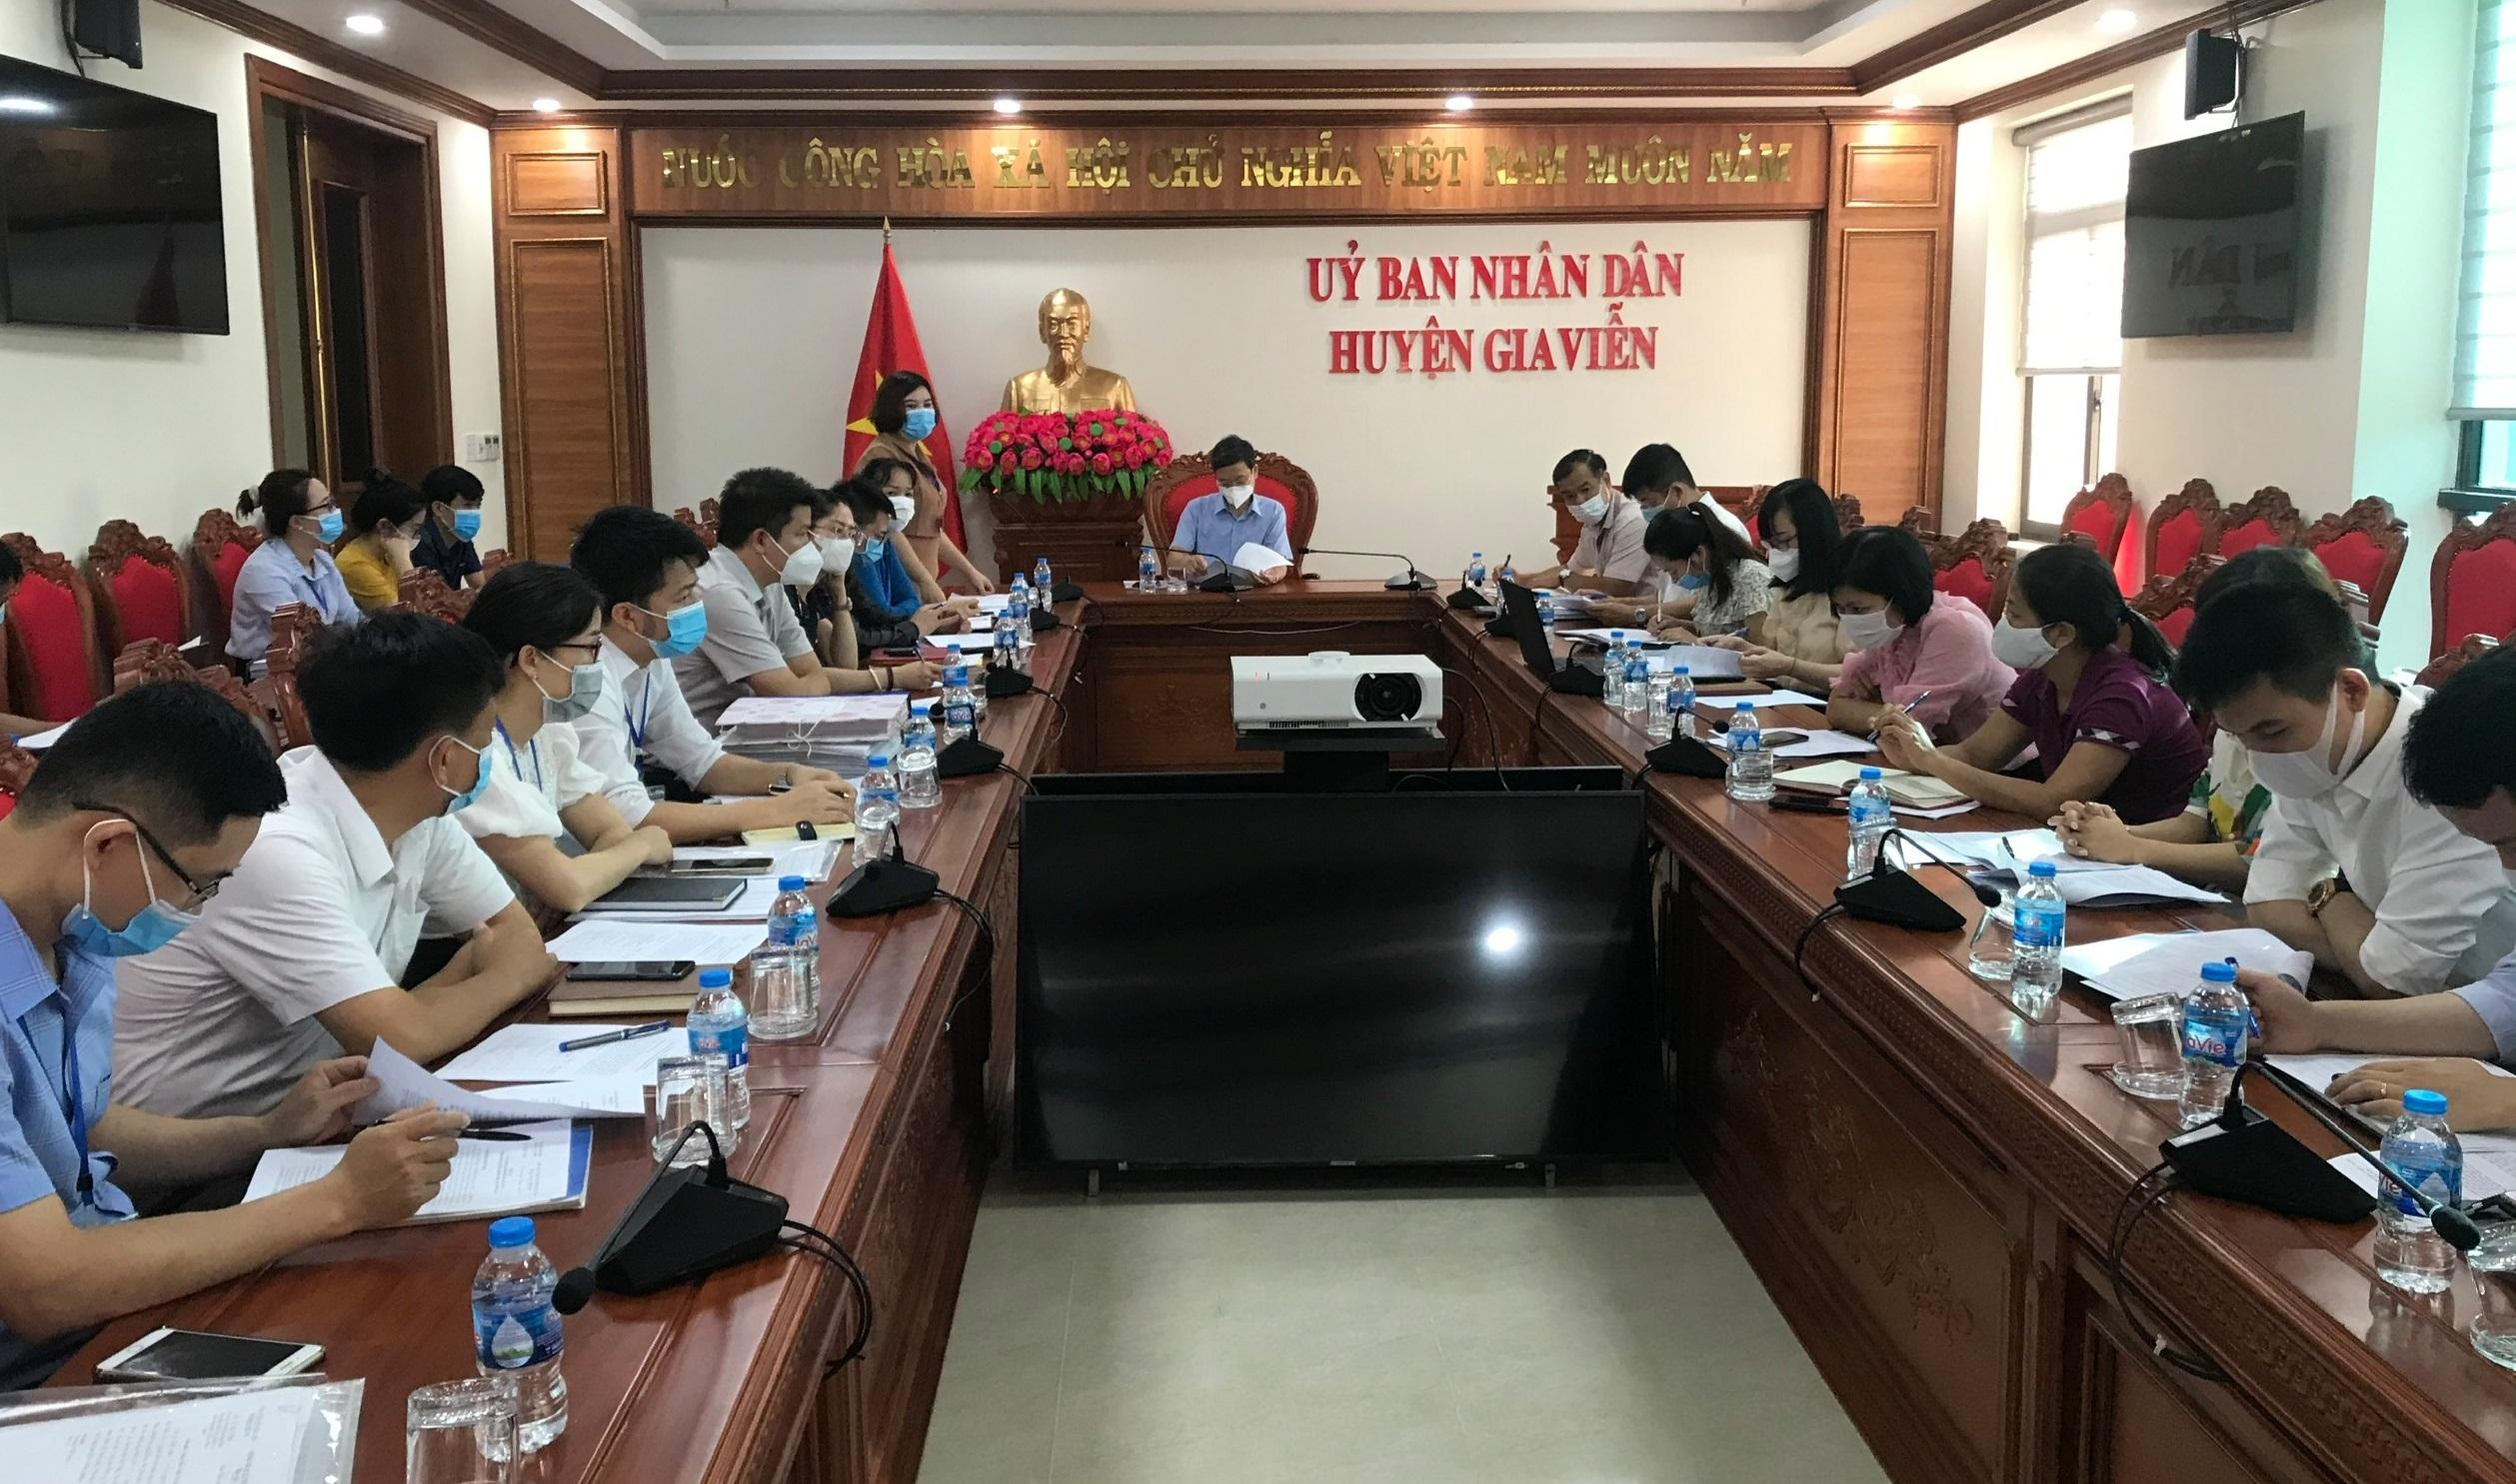 Tiếp và làm việc với Tổ công tác thẩm định, xác định chỉ số cải cách hành chính cấp Sở, cấp huyện năm 2020